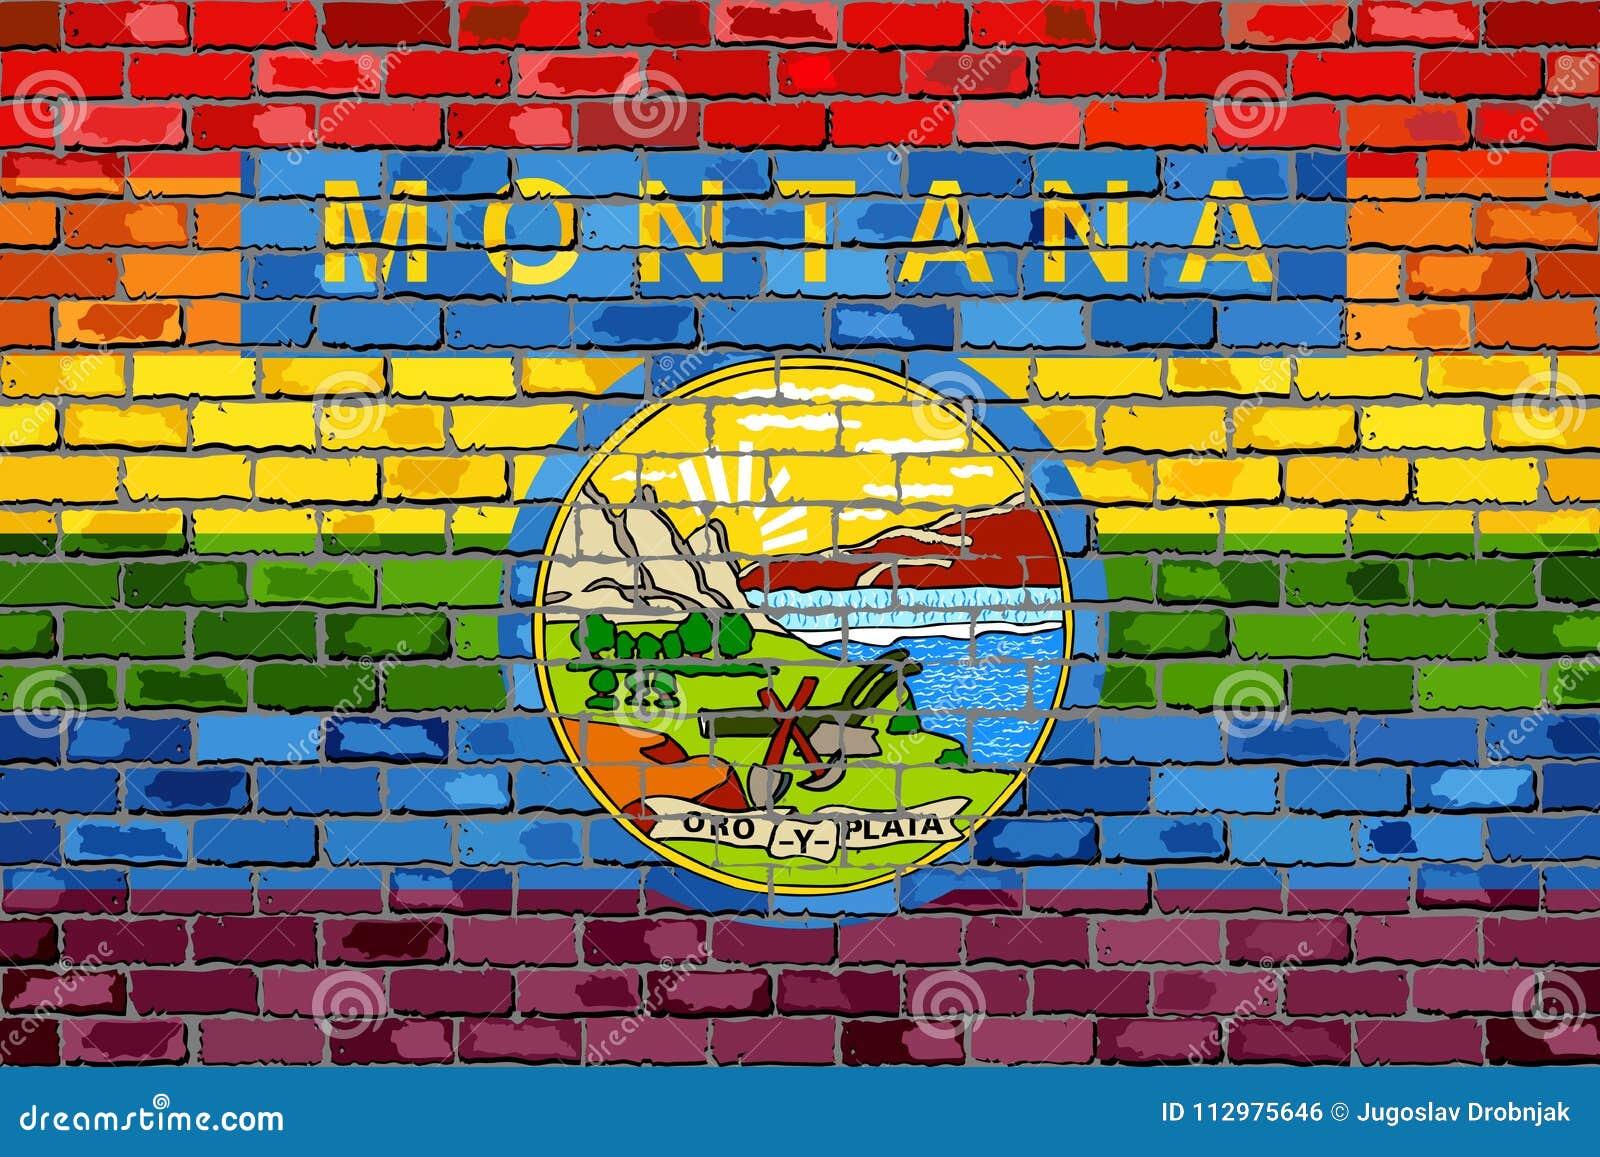 Brick Wall Montana and Gay flags